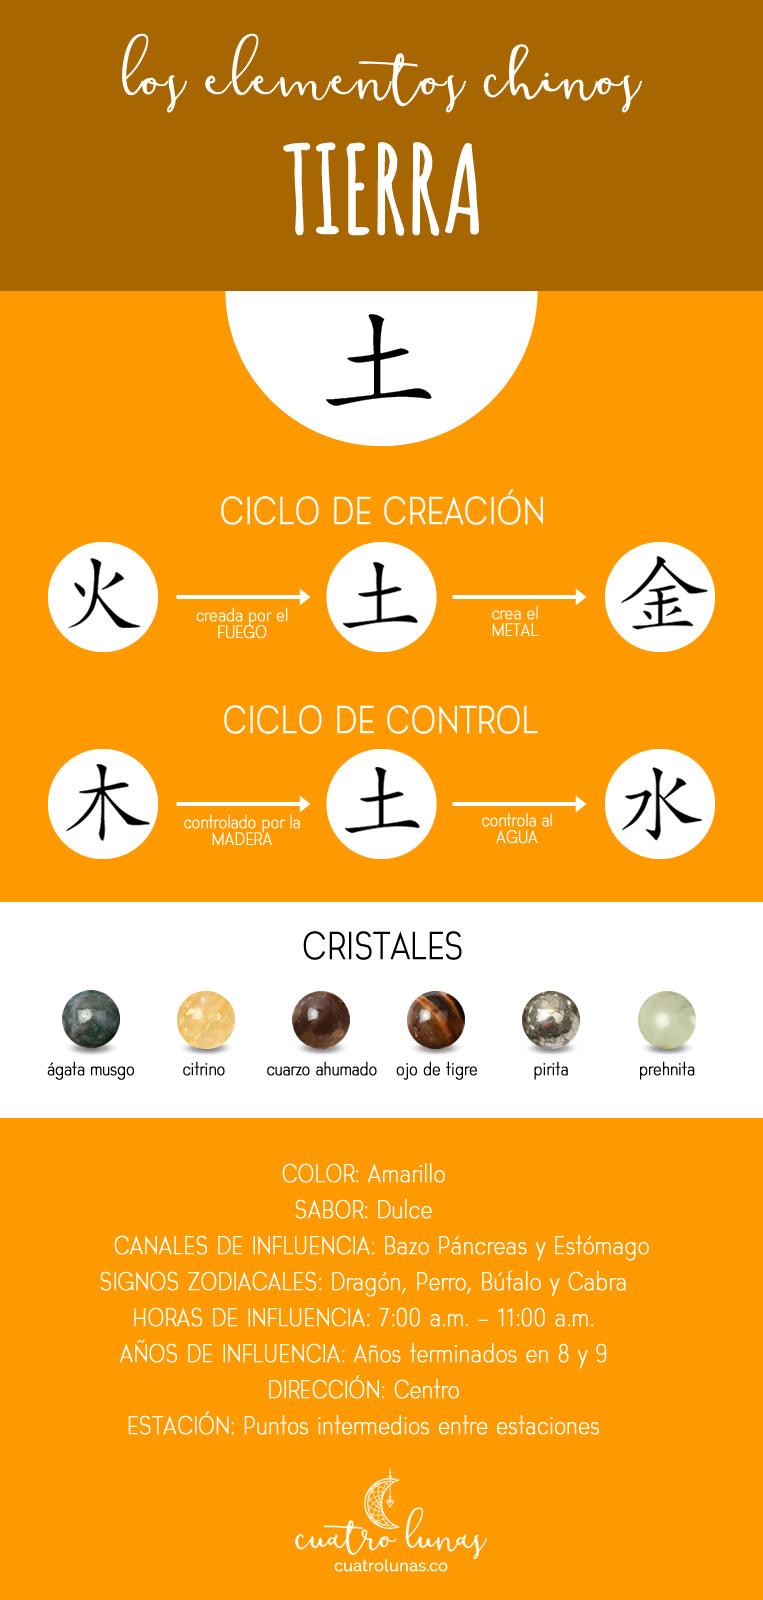 elementos chinos info tierra